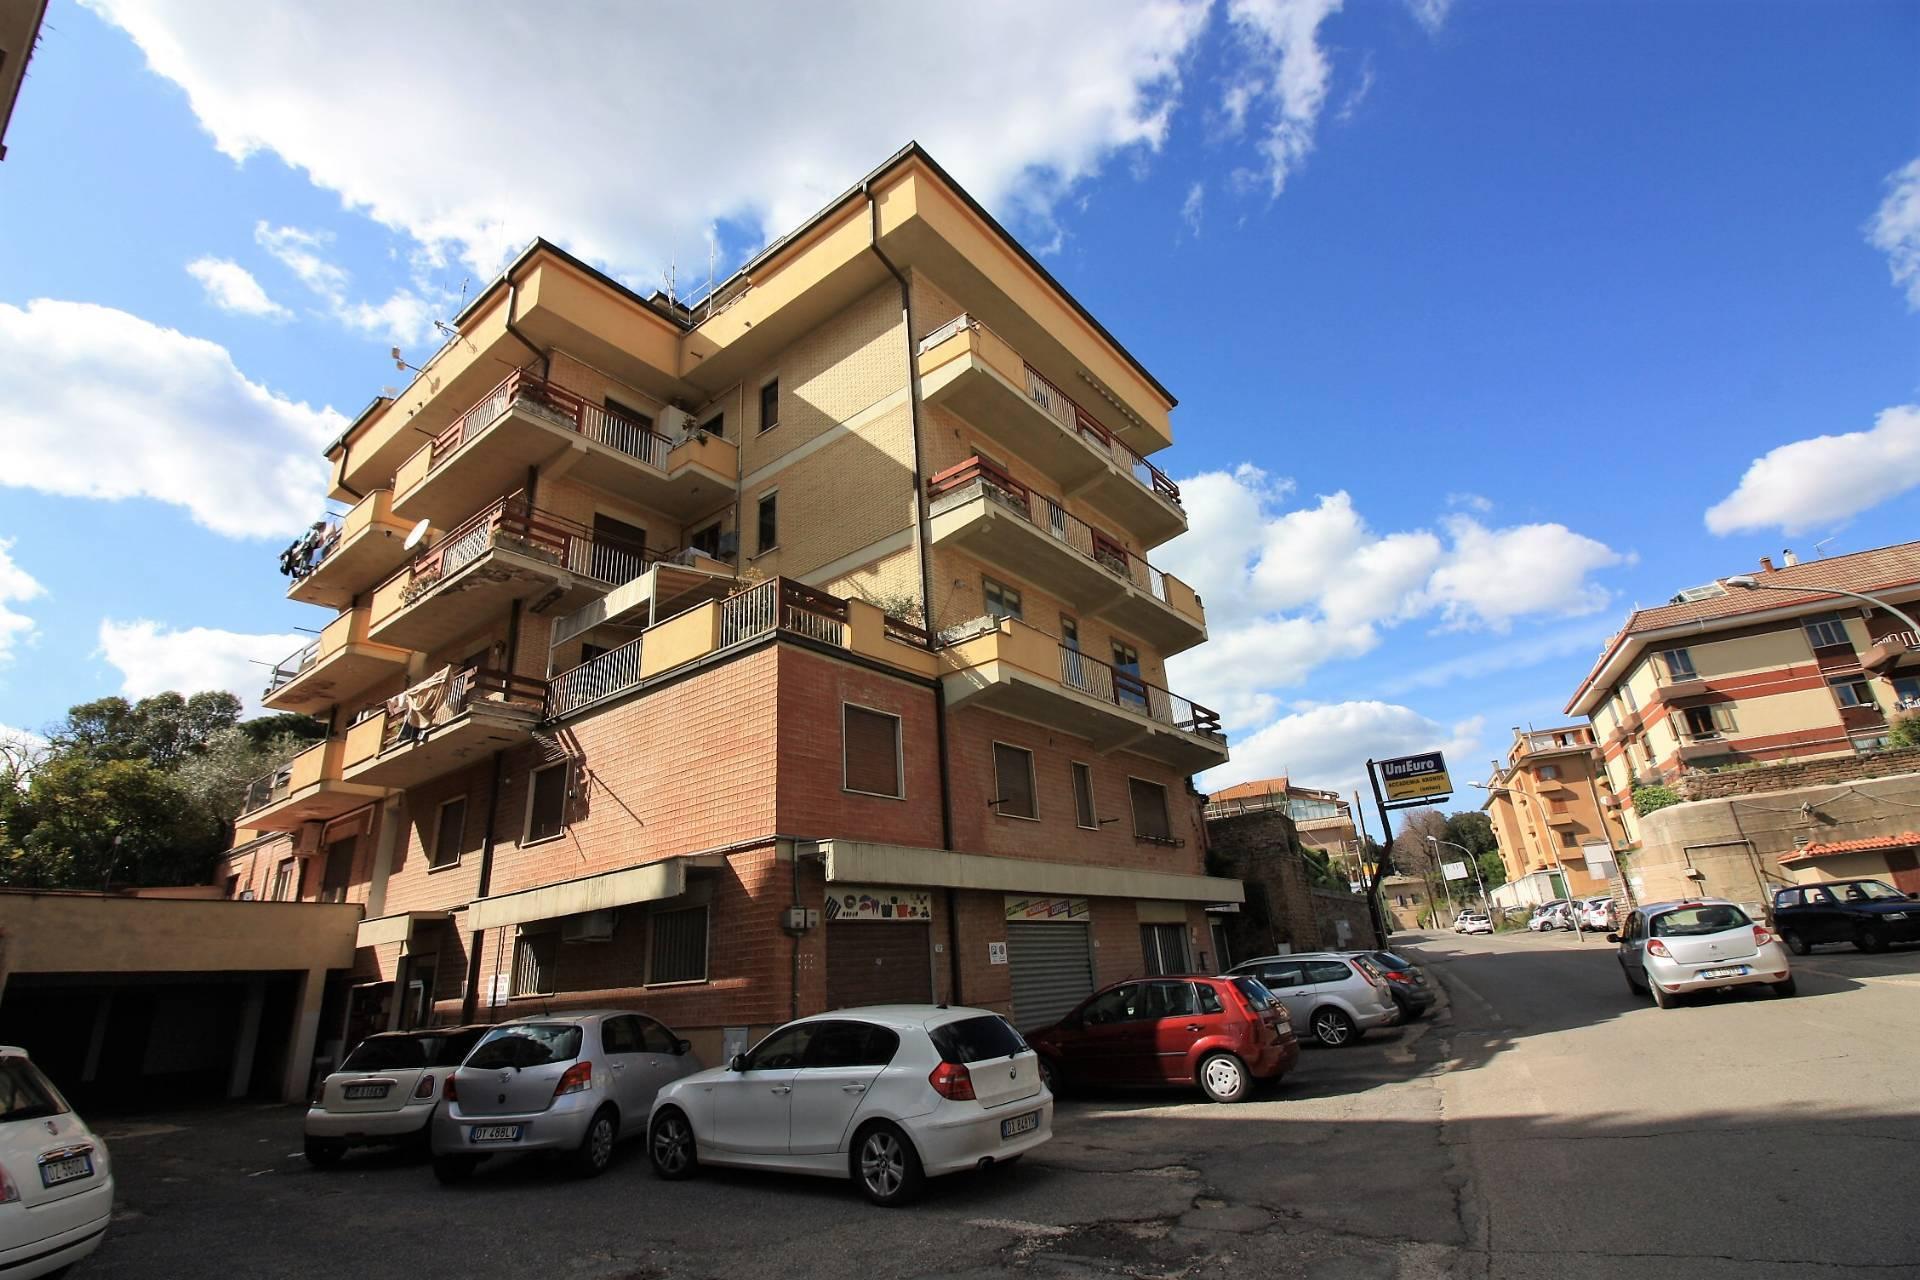 Appartamento in vendita a Ronciglione, 6 locali, zona Località: semi-centrale, prezzo € 99.000 | CambioCasa.it